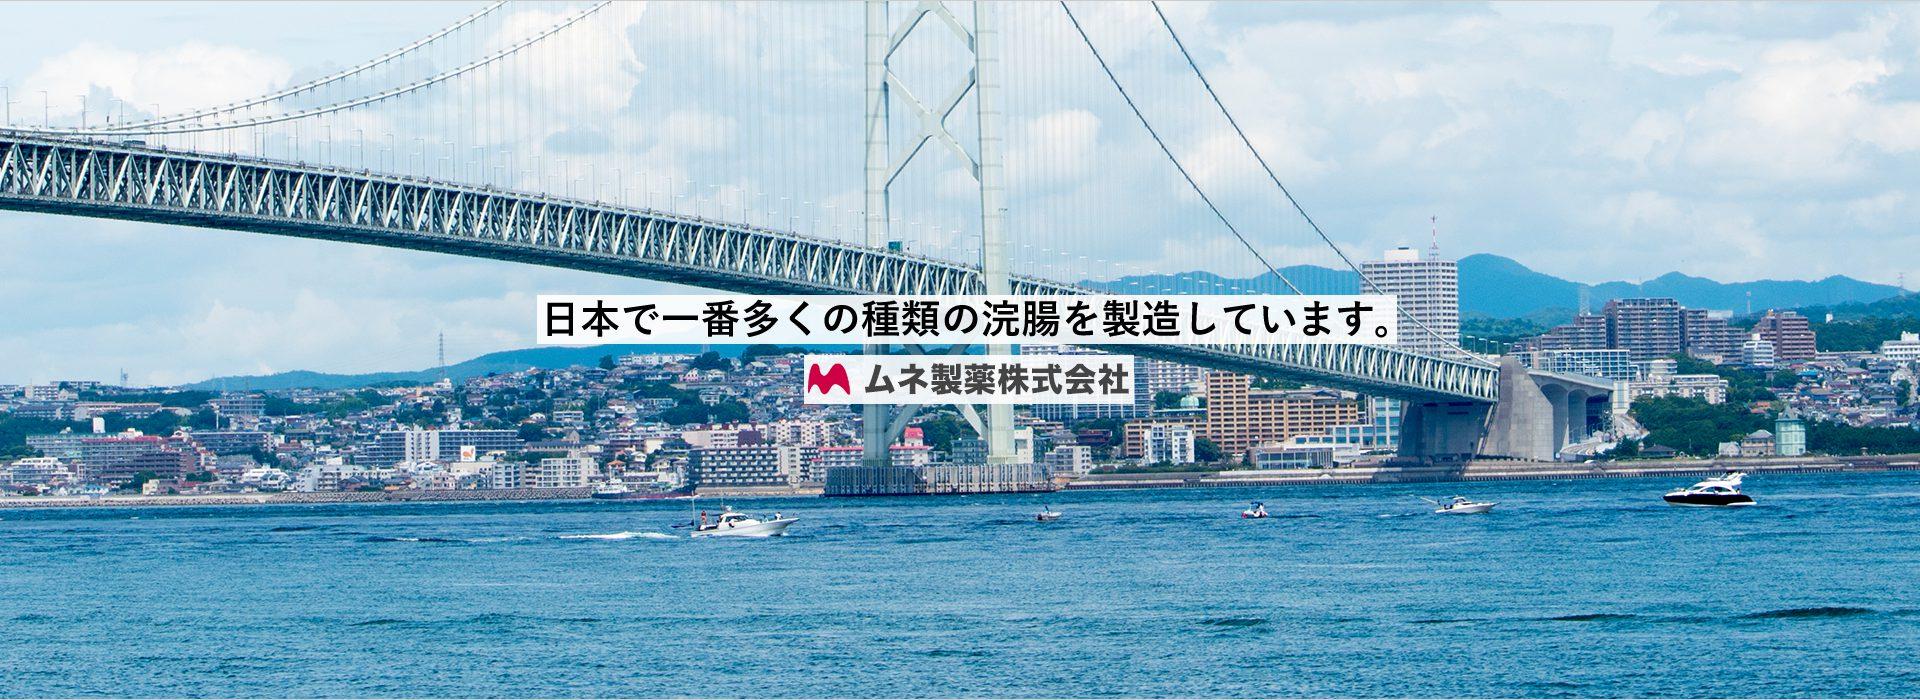 日本で一番多くの種類の浣腸を製造しています。